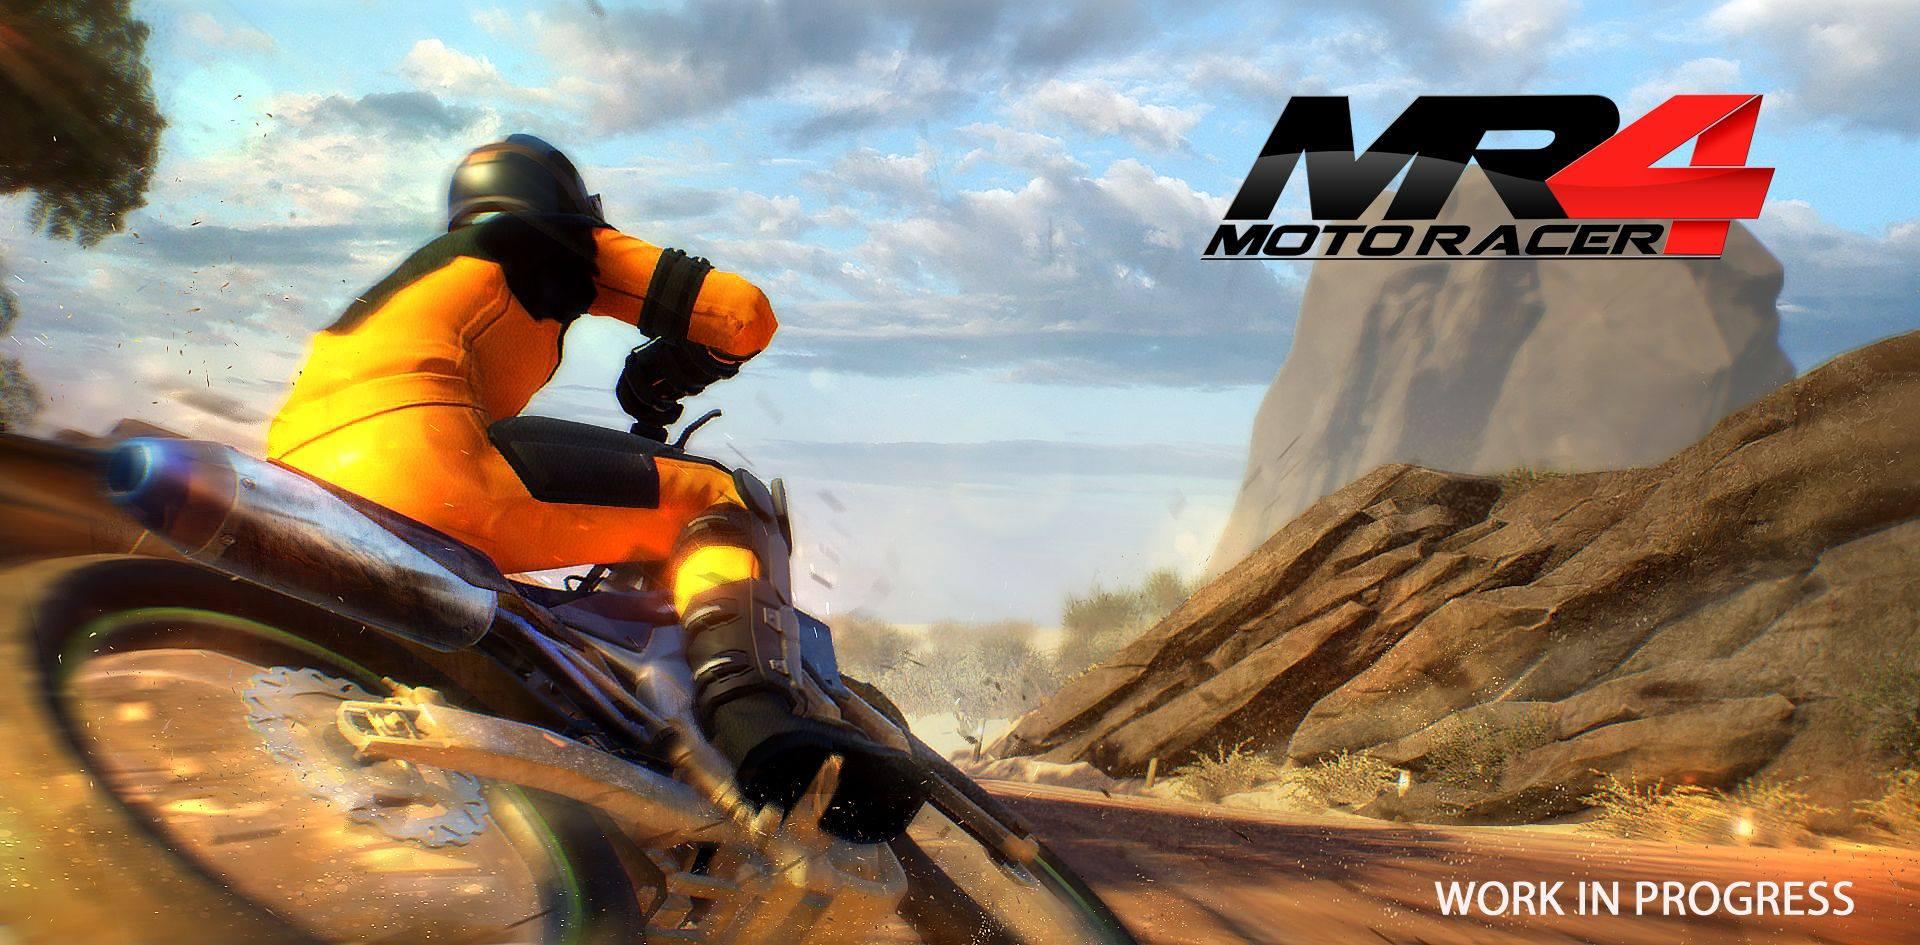 Легендарная гоночная серия Moto Racer вернется к нам уже завтра! - Изображение 1